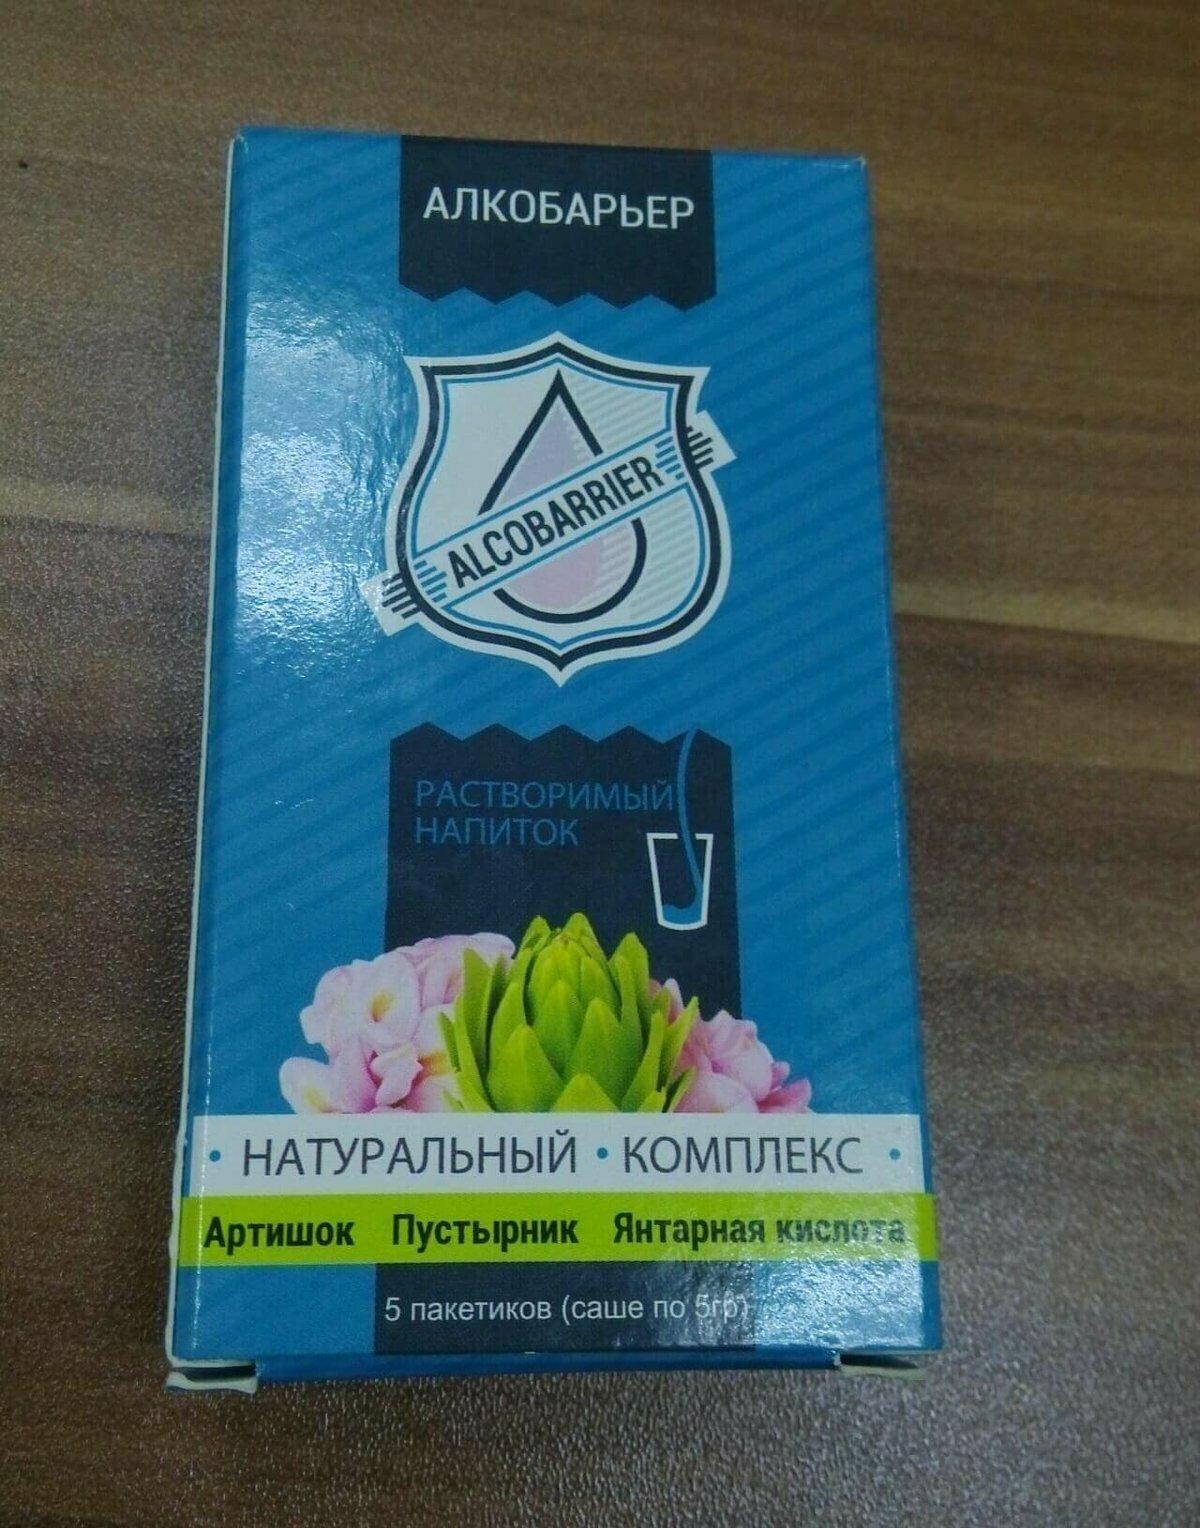 АлкоБарьер - от алкоголизма в Новокуйбышевске